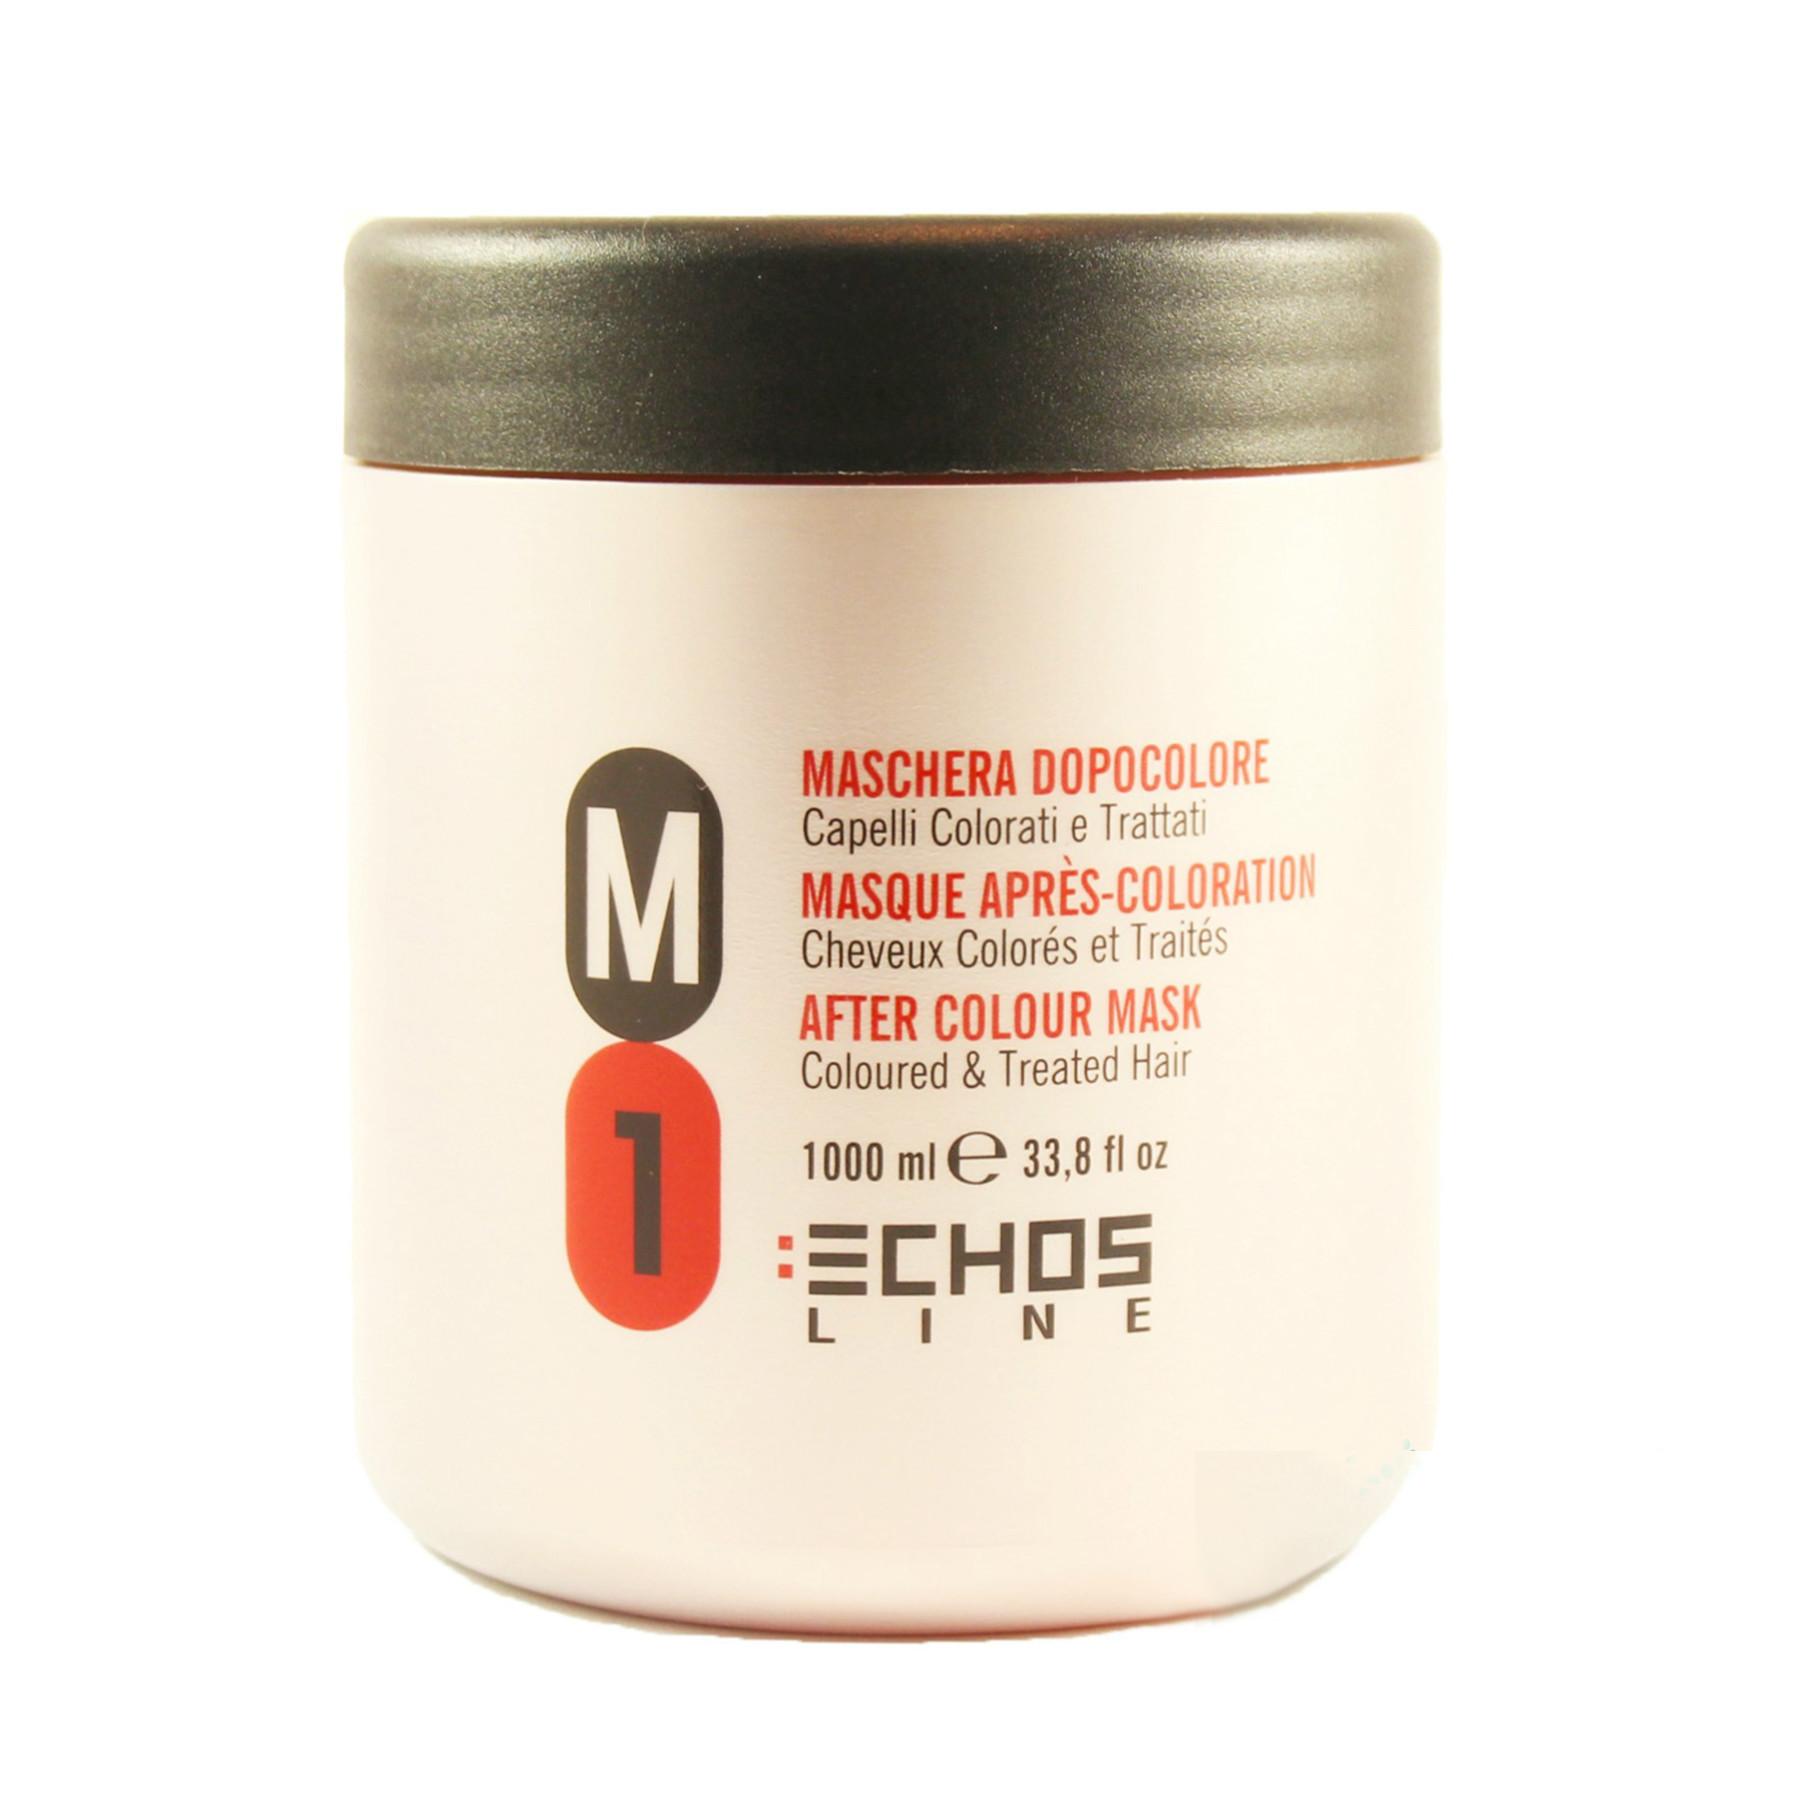 Маска Echosline M1 для окрашенных и поврежденных волос 1000 мл